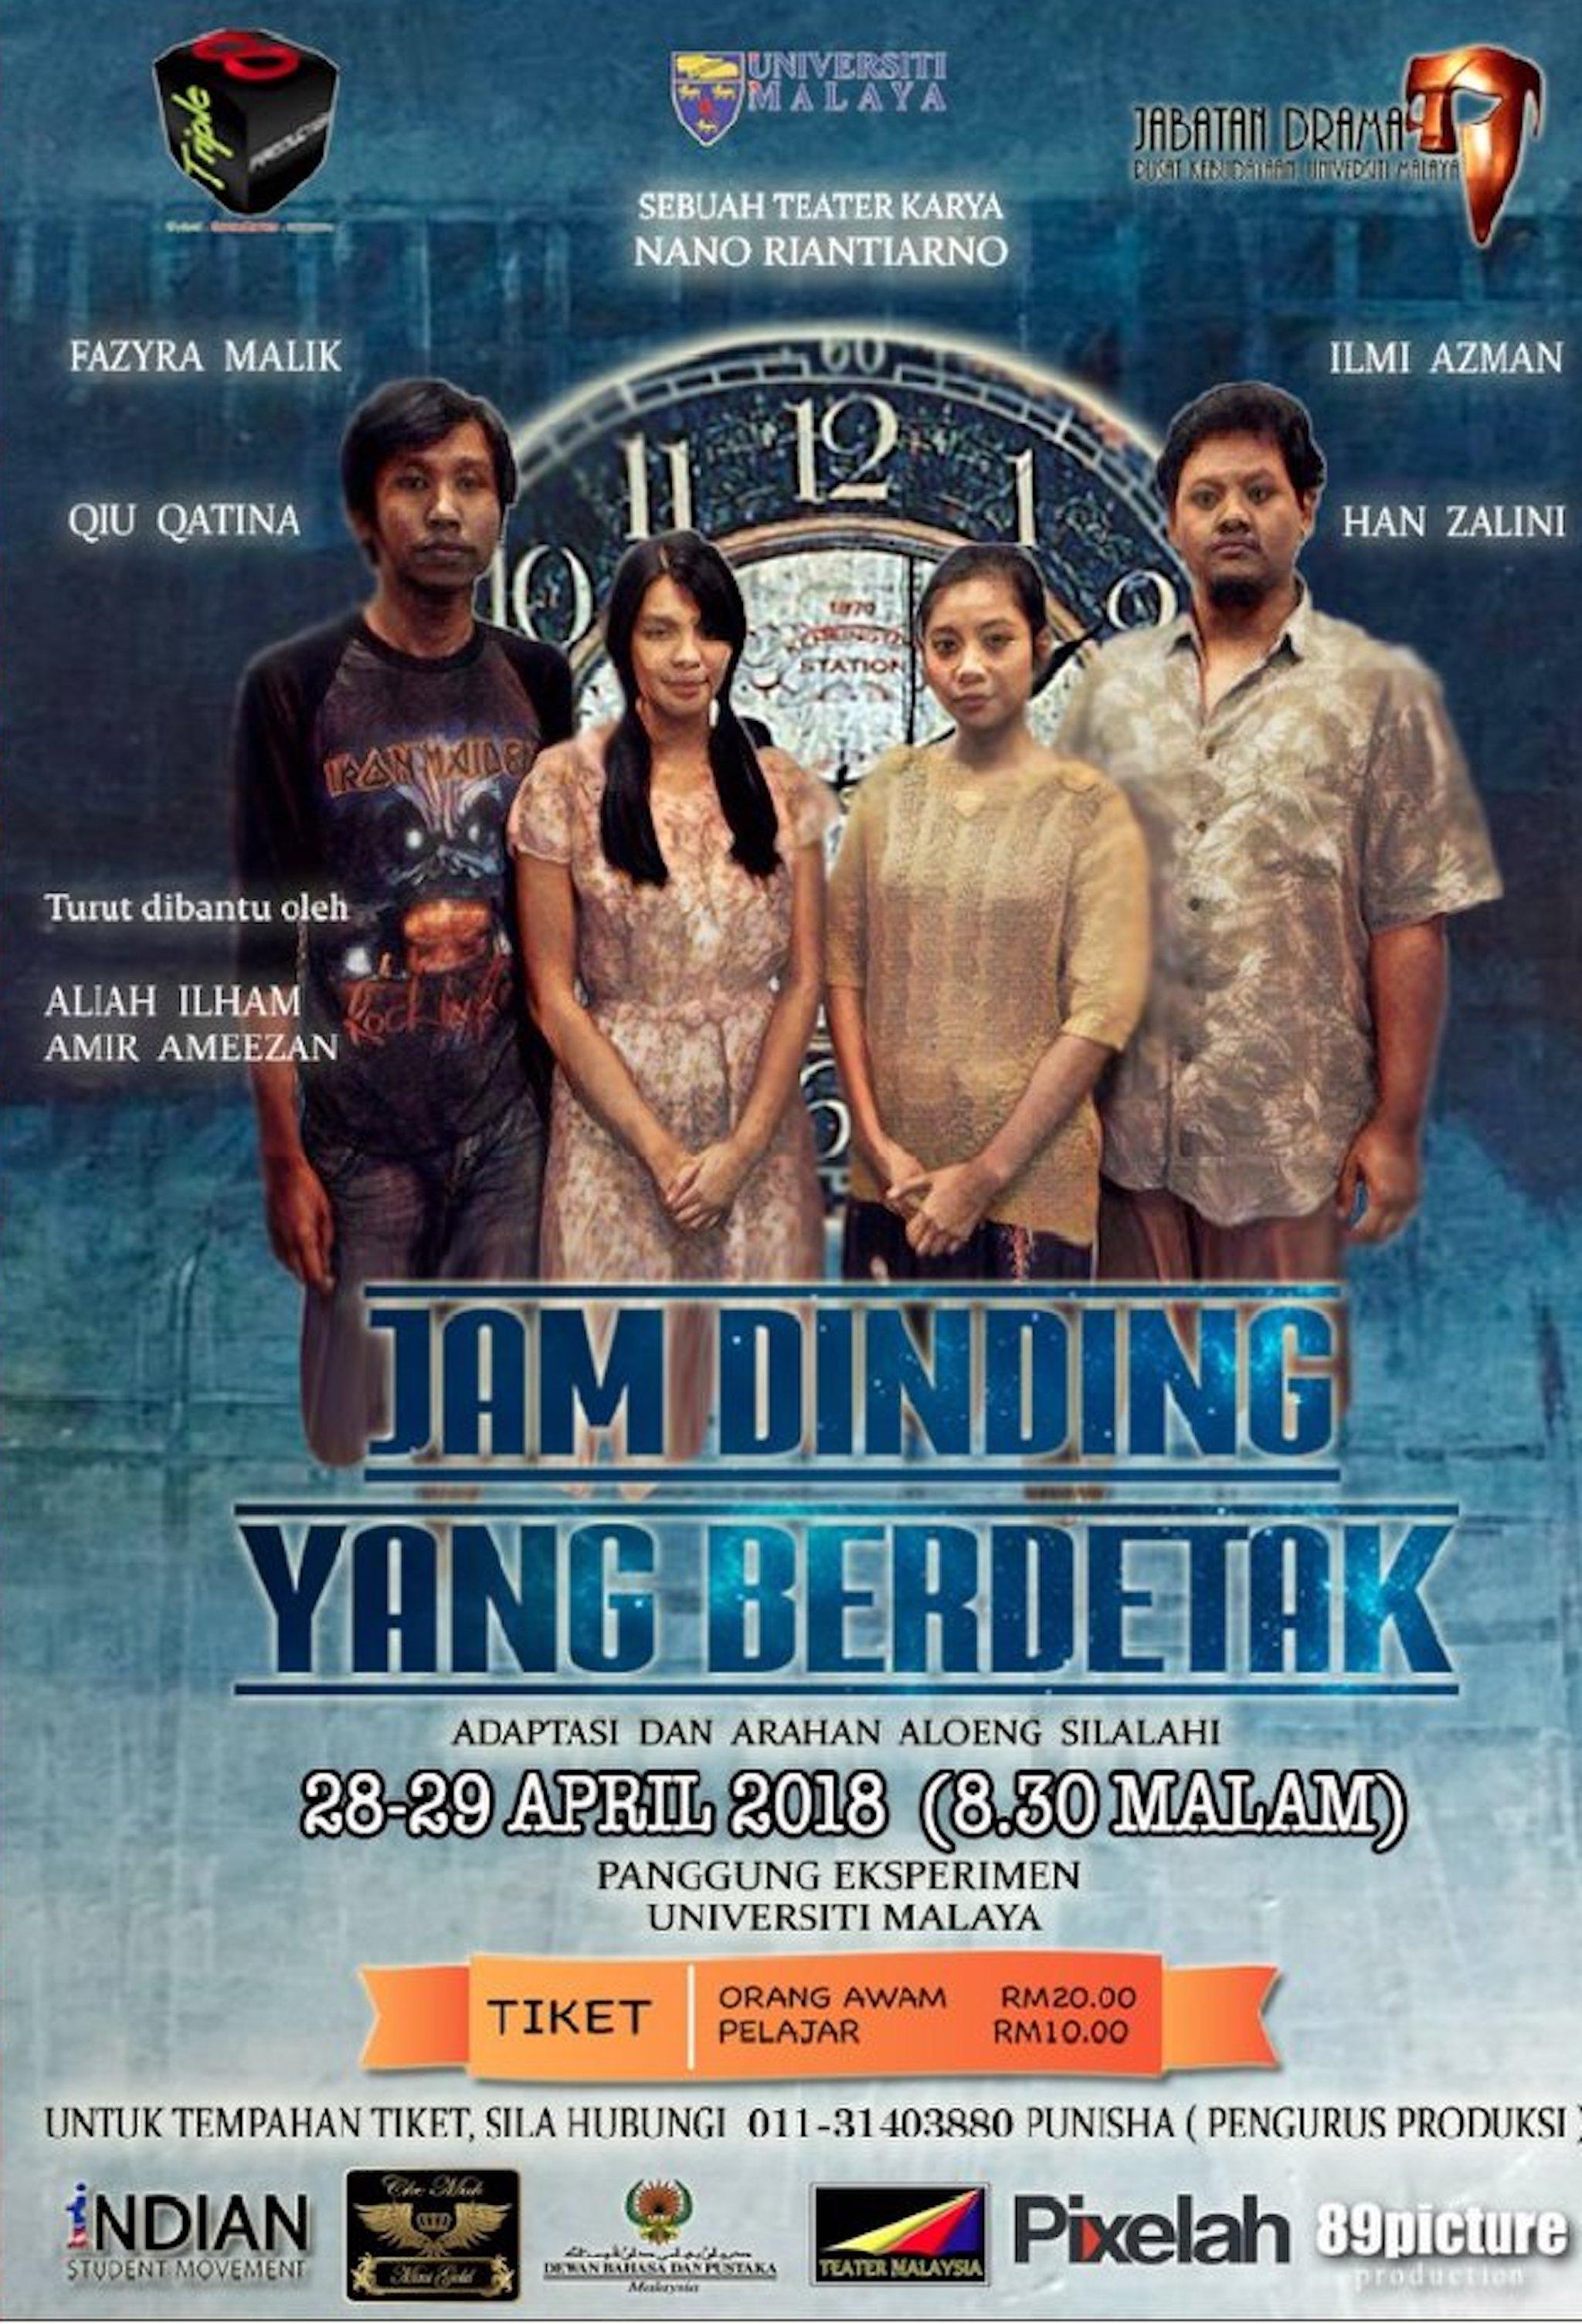 2018 Jam Dinding Yang Berdetak cover